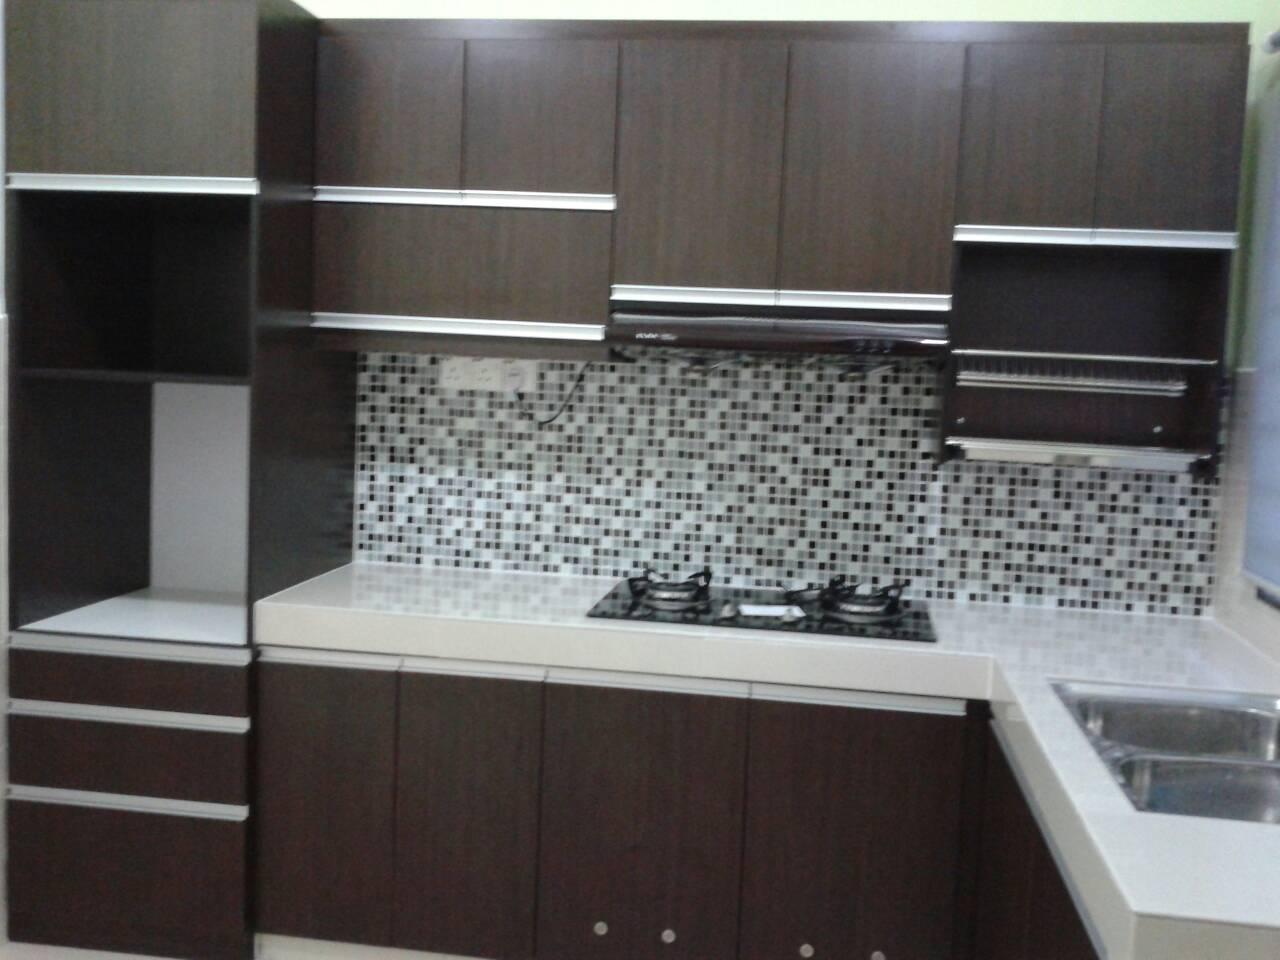 20120906 192307 siap sudah kabinet dapur rumahku